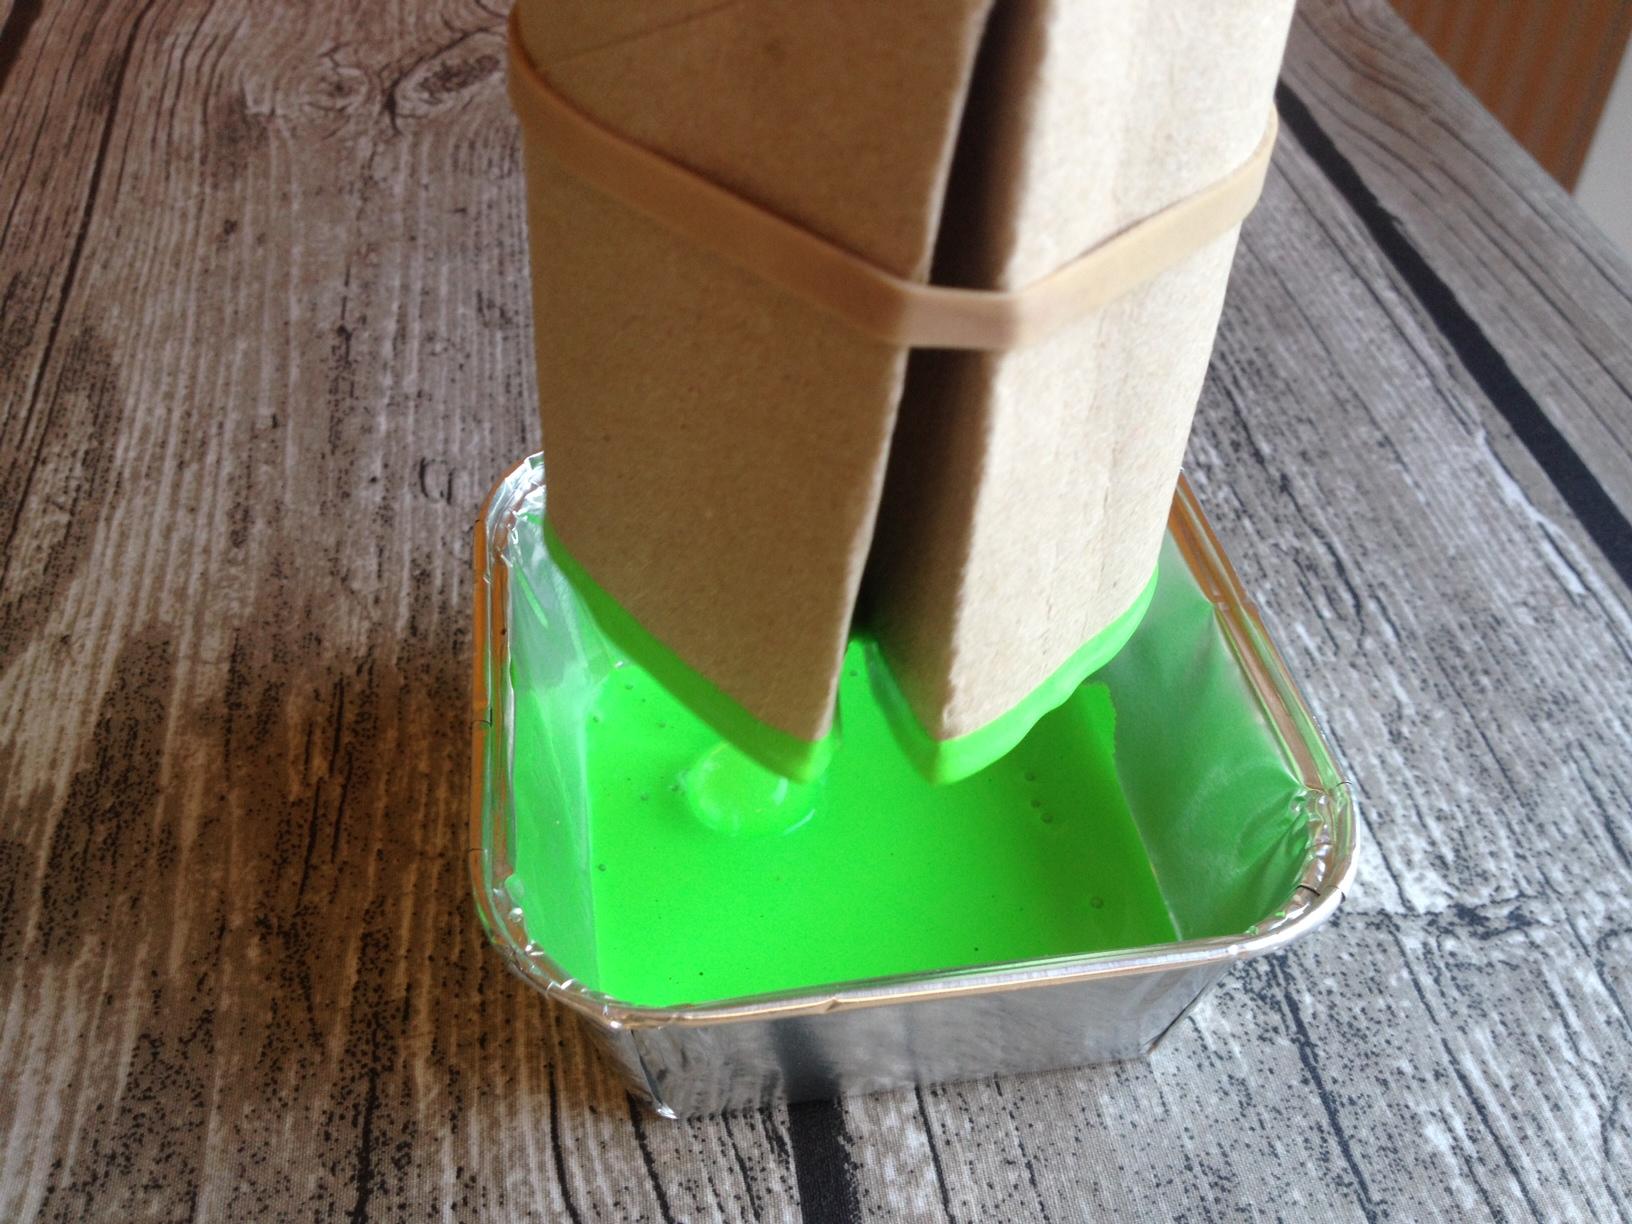 Cadeautip knutseltip zelf een stempel maken en enveloppes versieren cadeautips blog - Verf wc ...